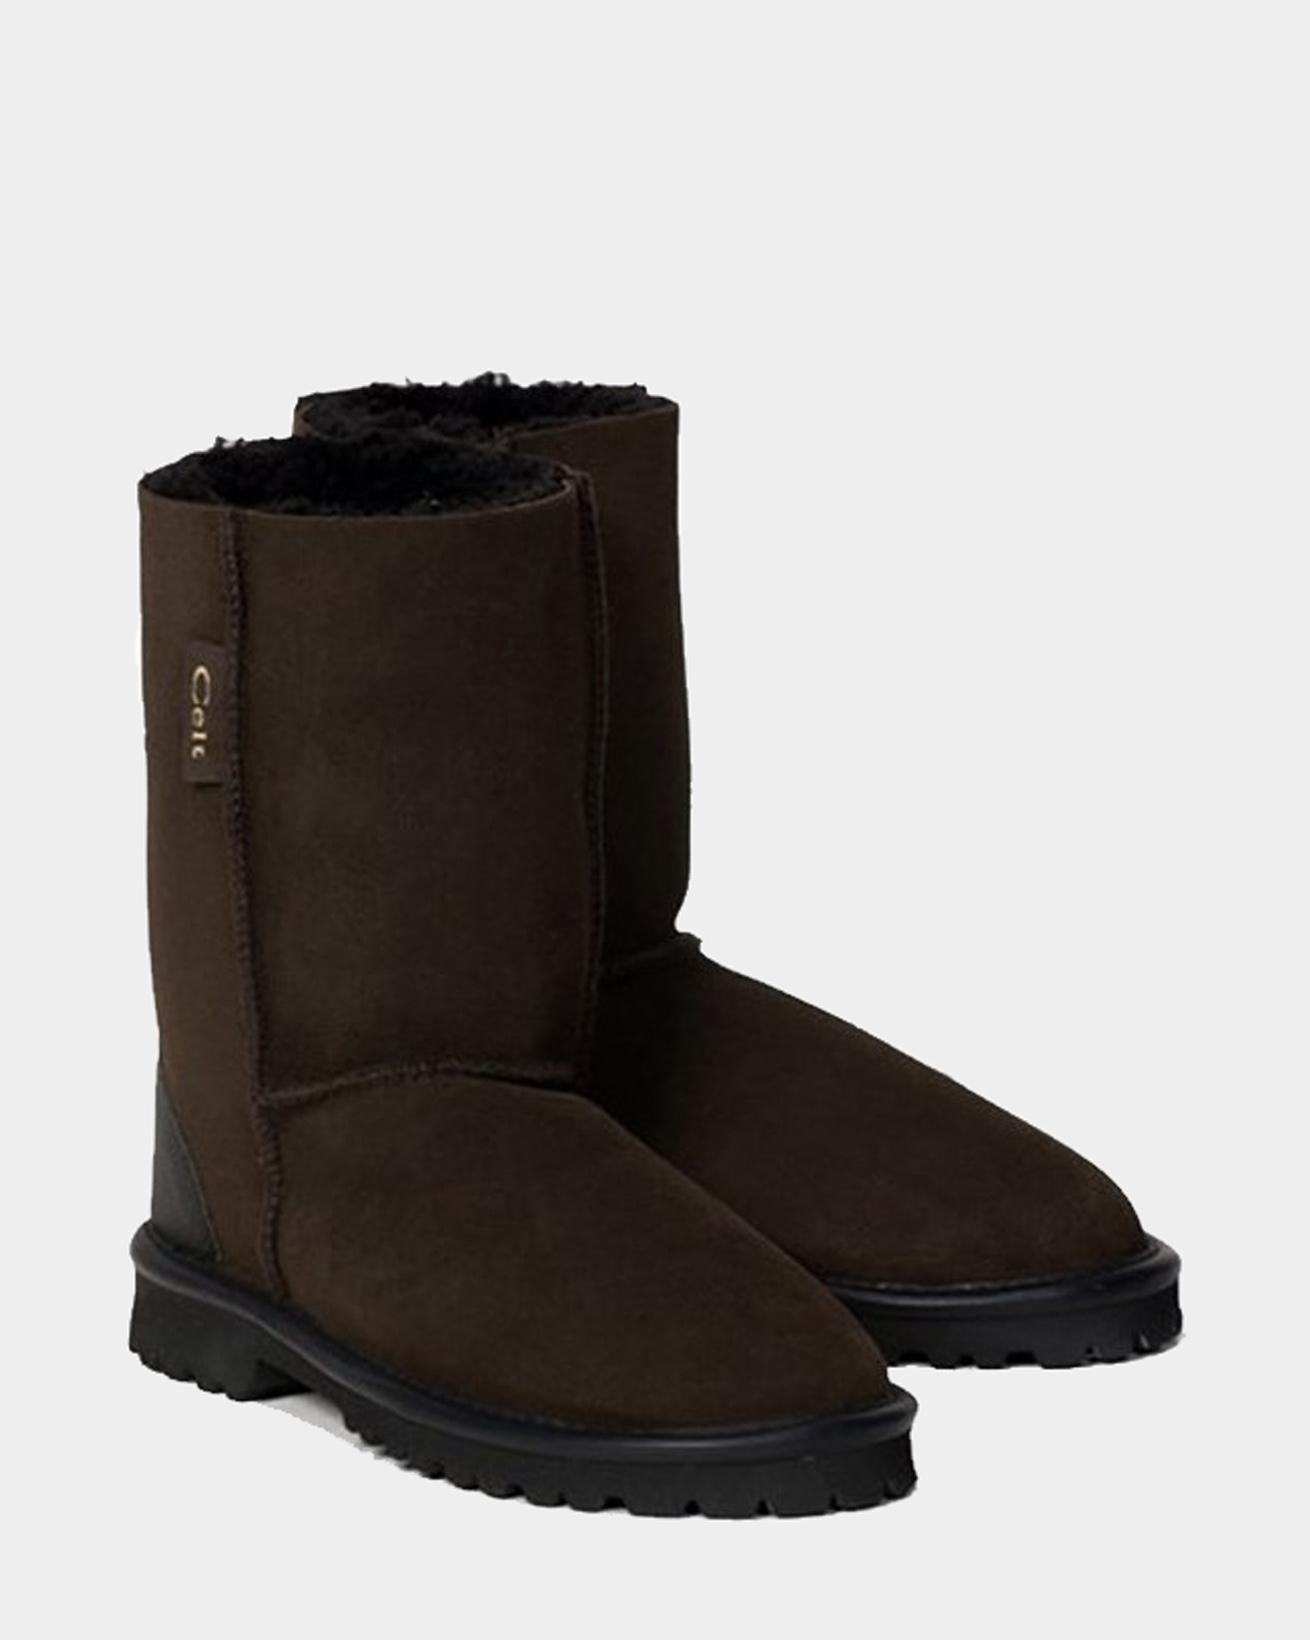 6606-mens-celt-regular-sheepskin-boots-mocca-cutout-1.jpg